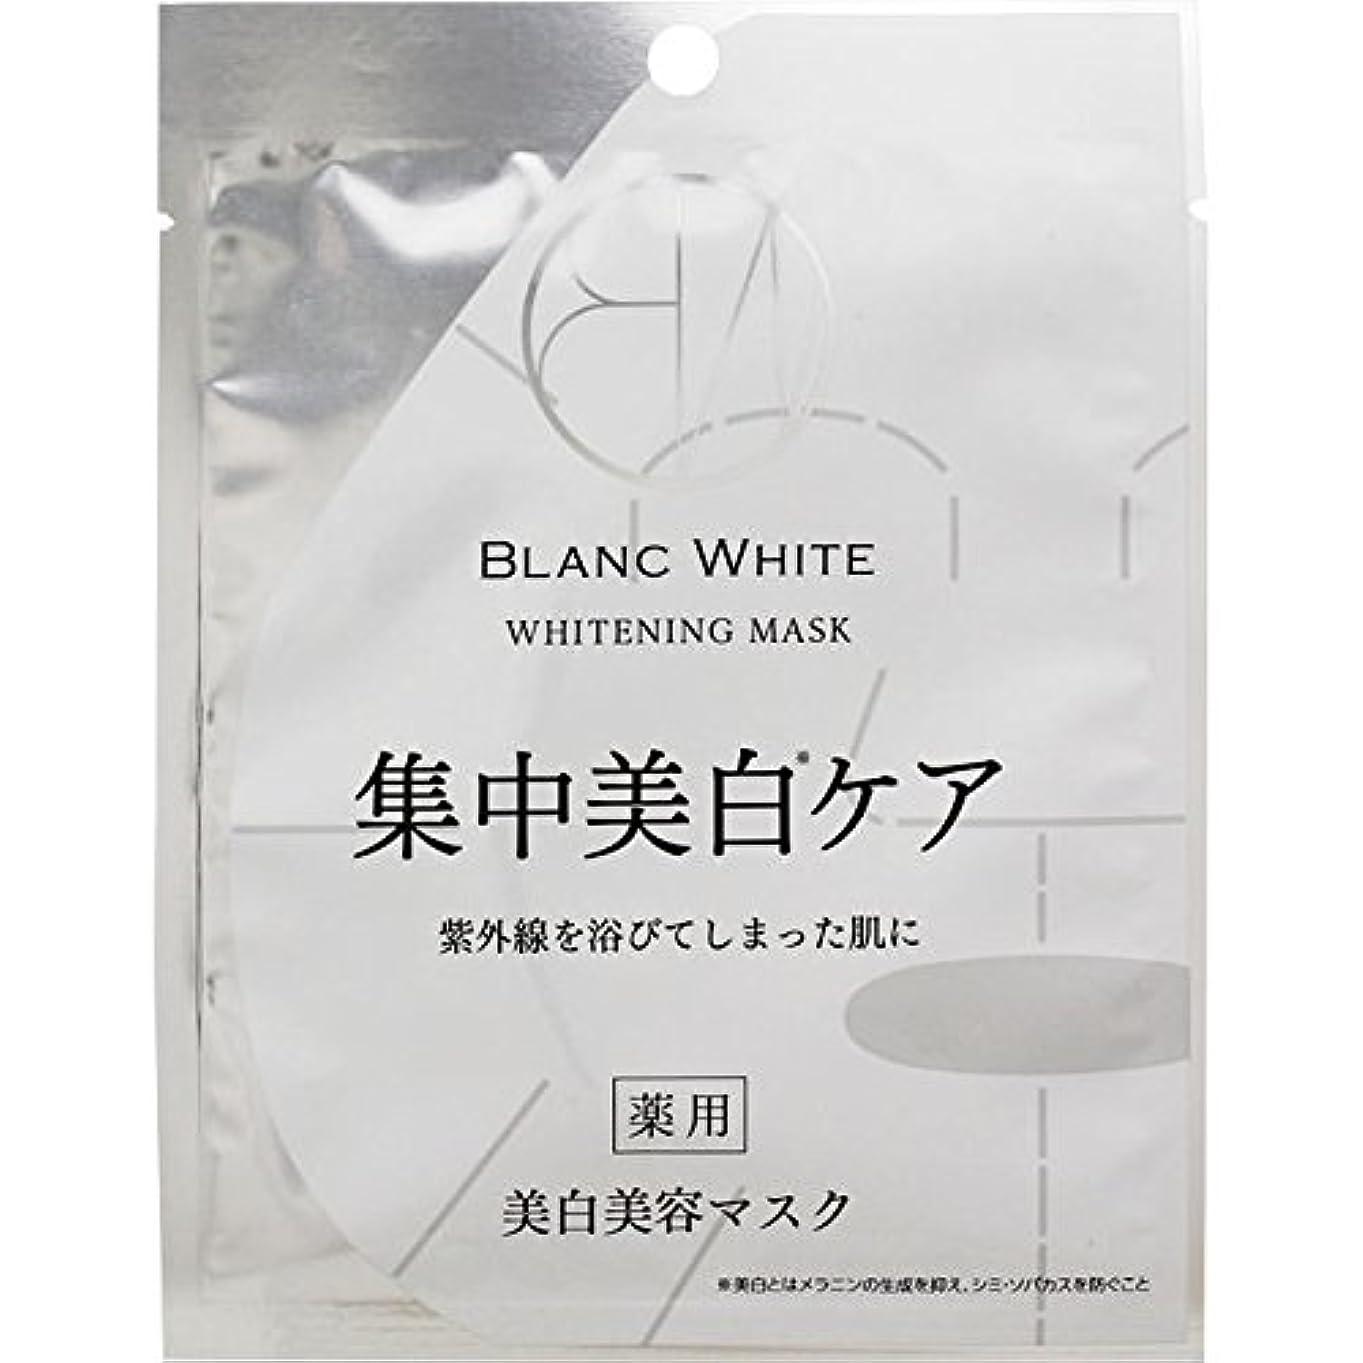 アンデス山脈するだろう噂ブランホワイト ホワイトニングマスク 1枚【21ml】 (医薬部外品)